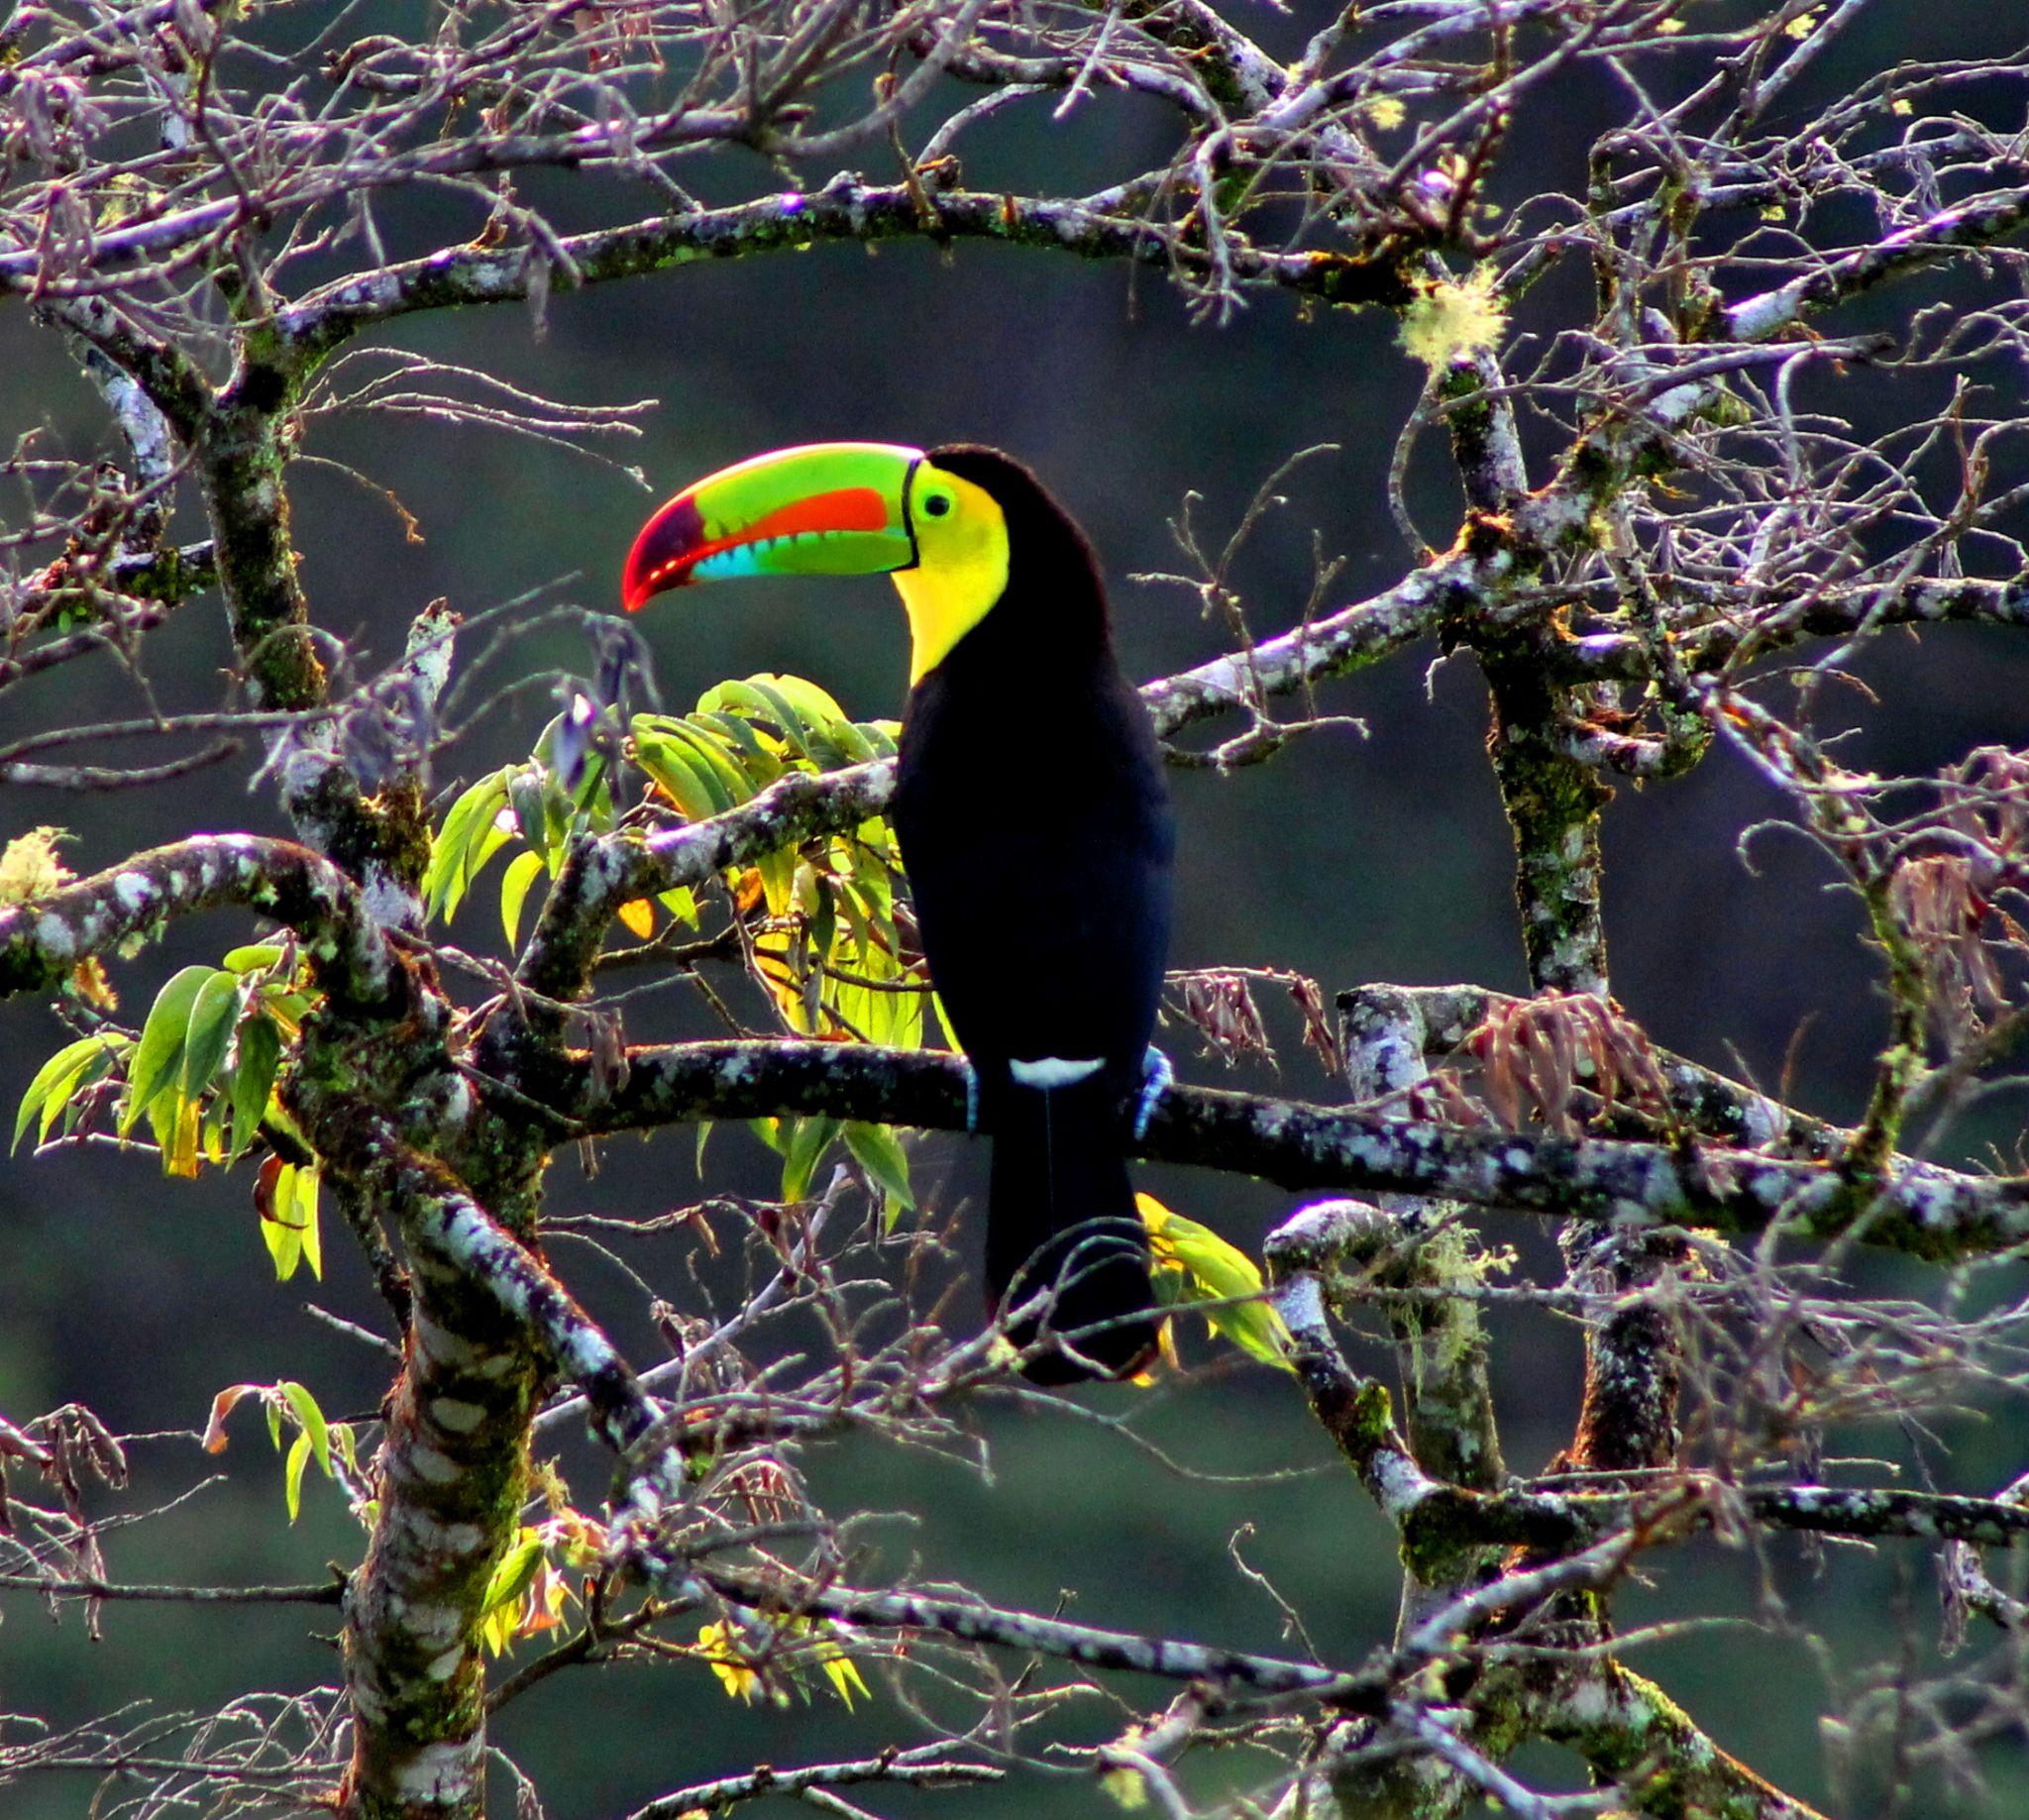 Keel billed toucan by renzo.sturmo